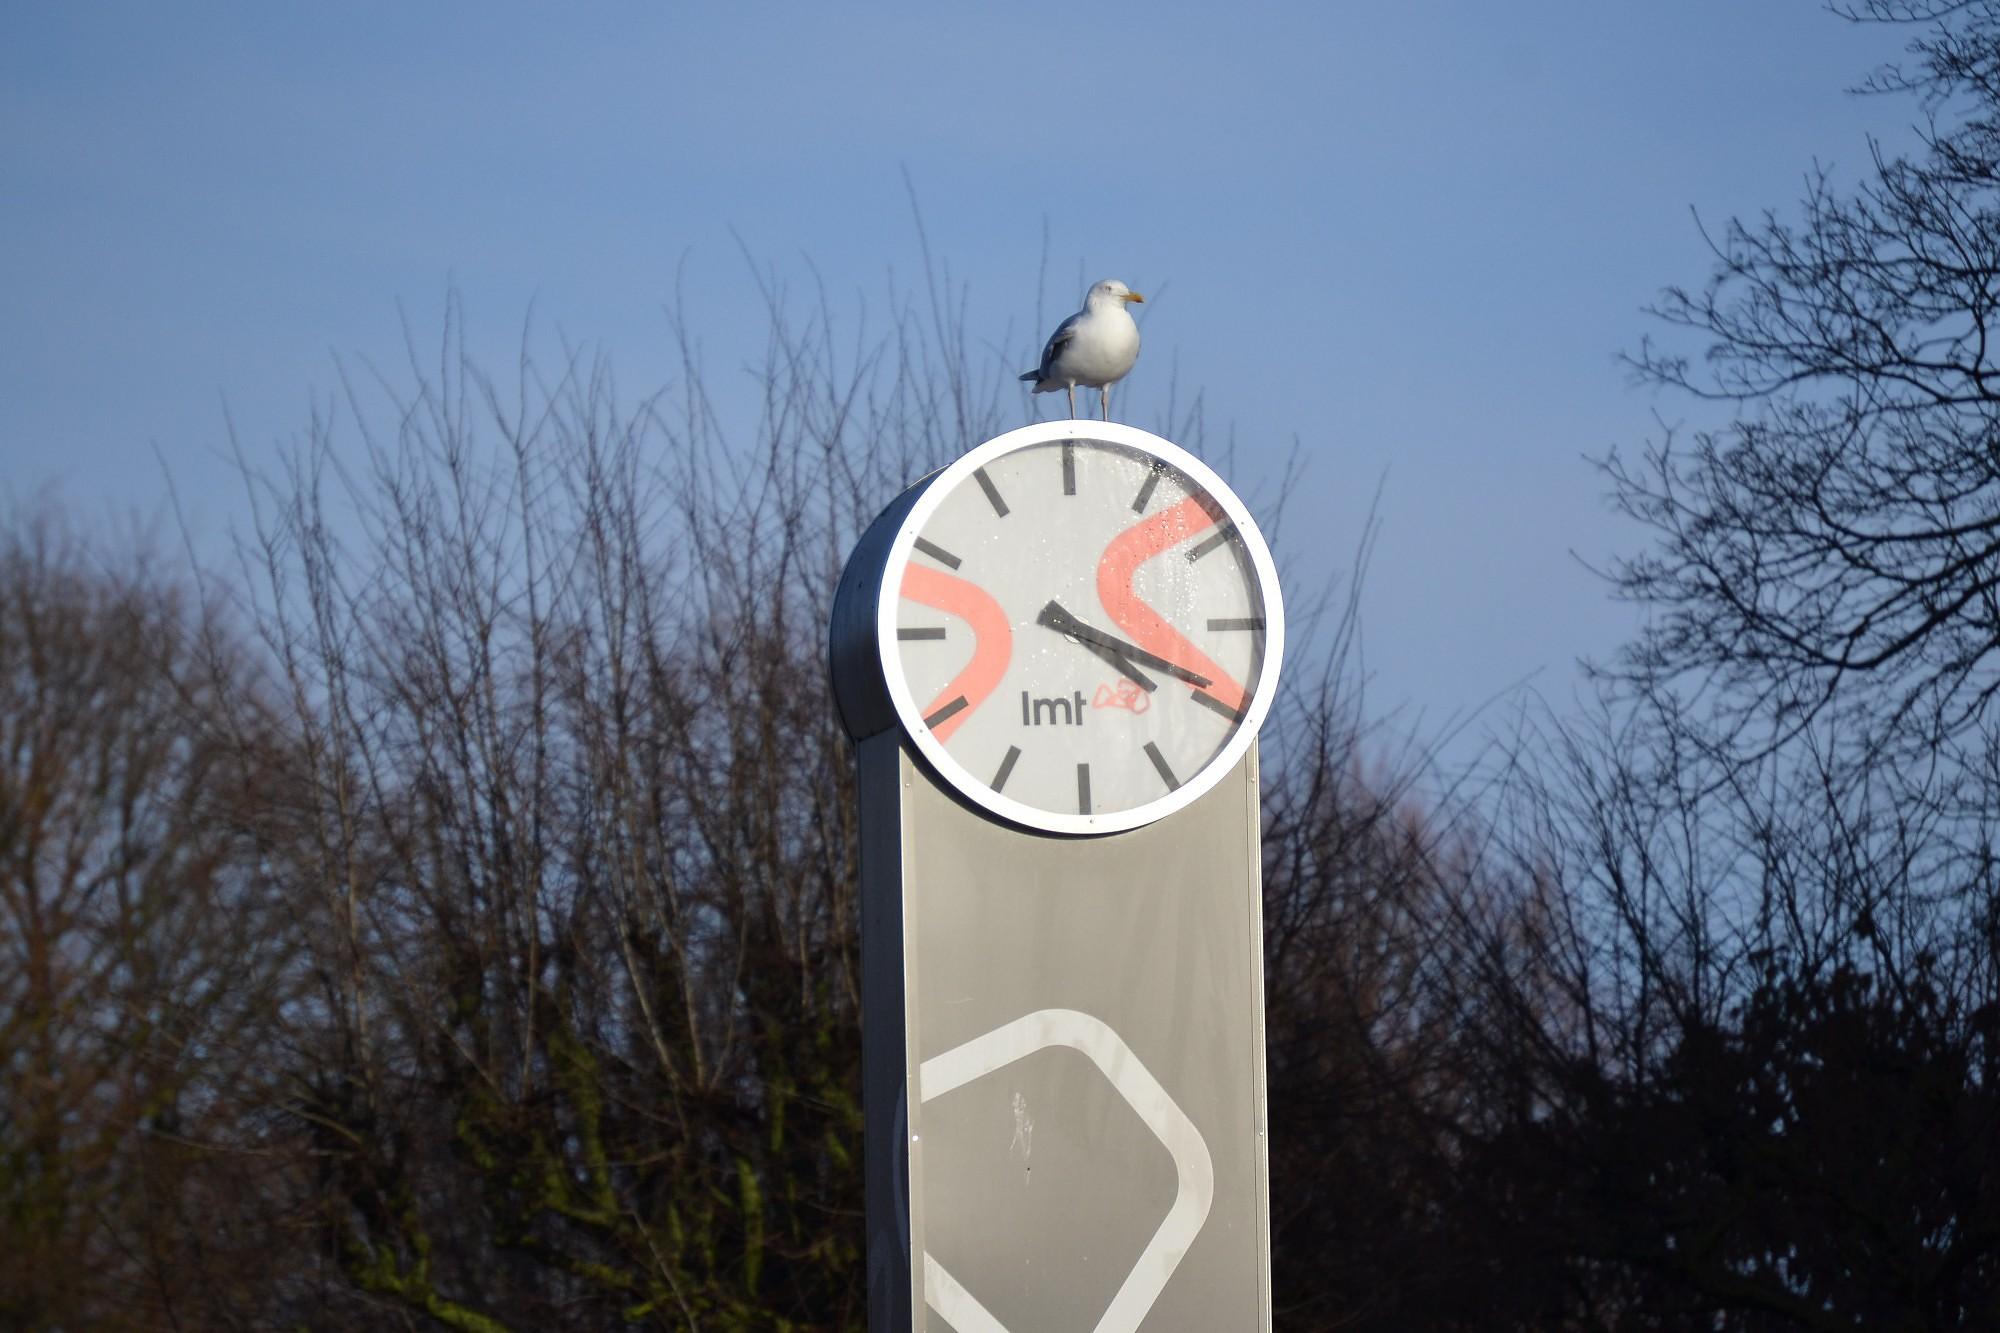 Жители положительно оценивают предложение отказа от перевода часов